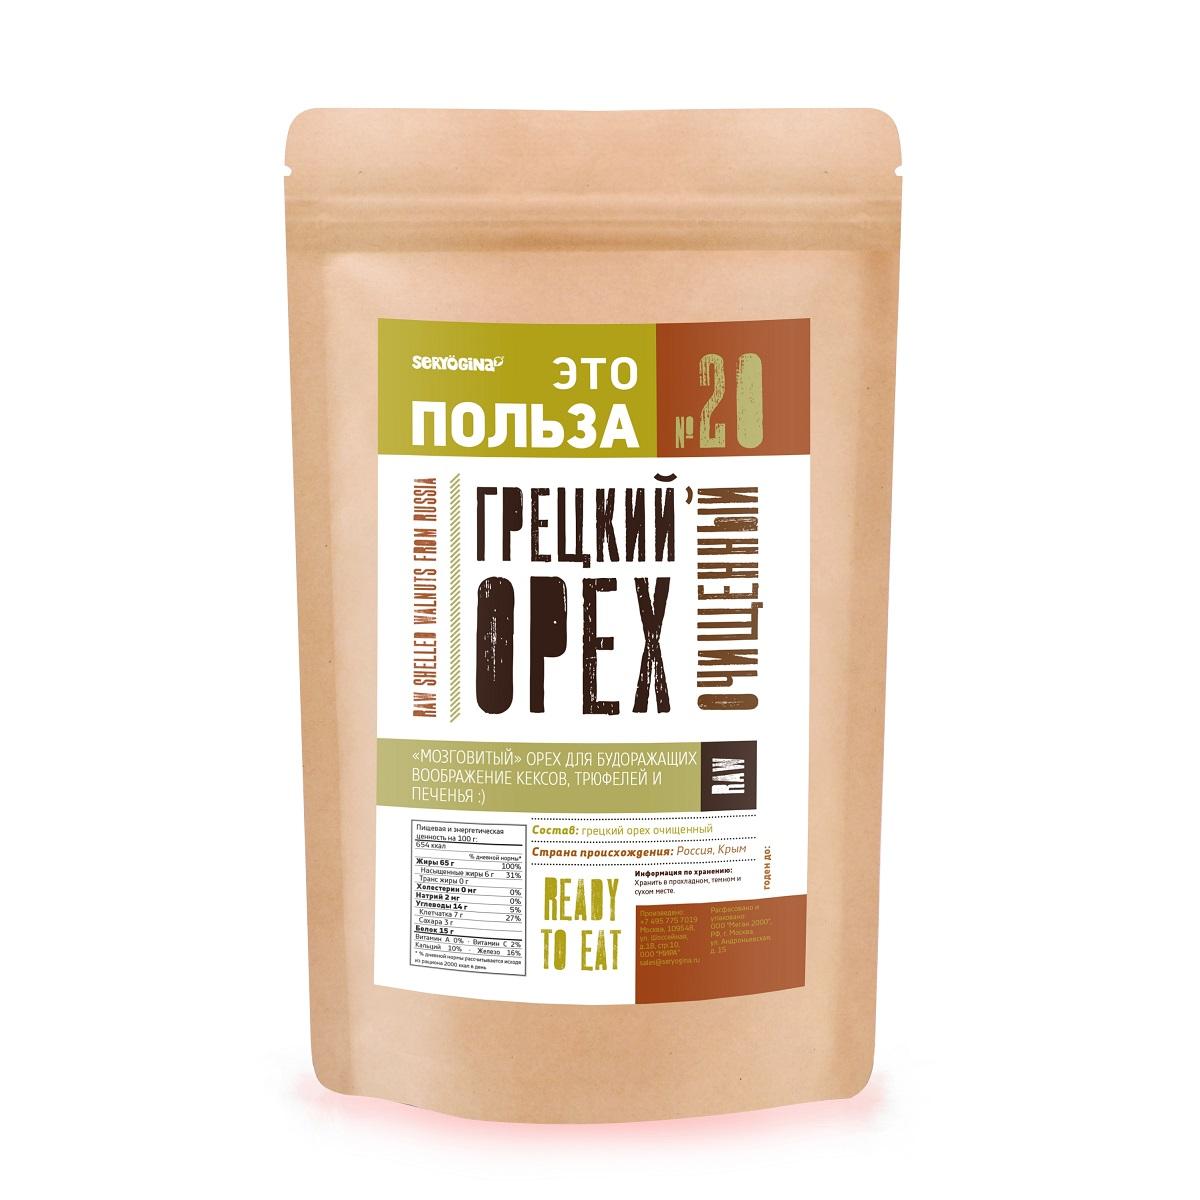 Seryogina Грецкий орех очищенный, 400 гU921064В орехах около 70% жира, большая часть этих жиров – ненасыщенные, а значит, полезные. Антиоксиданты, содержащиеся в грецких орехах, в 2-15 раз эффективнее витамина Е, известного своими способностями противостоять естественным окислительным процессам в организме.